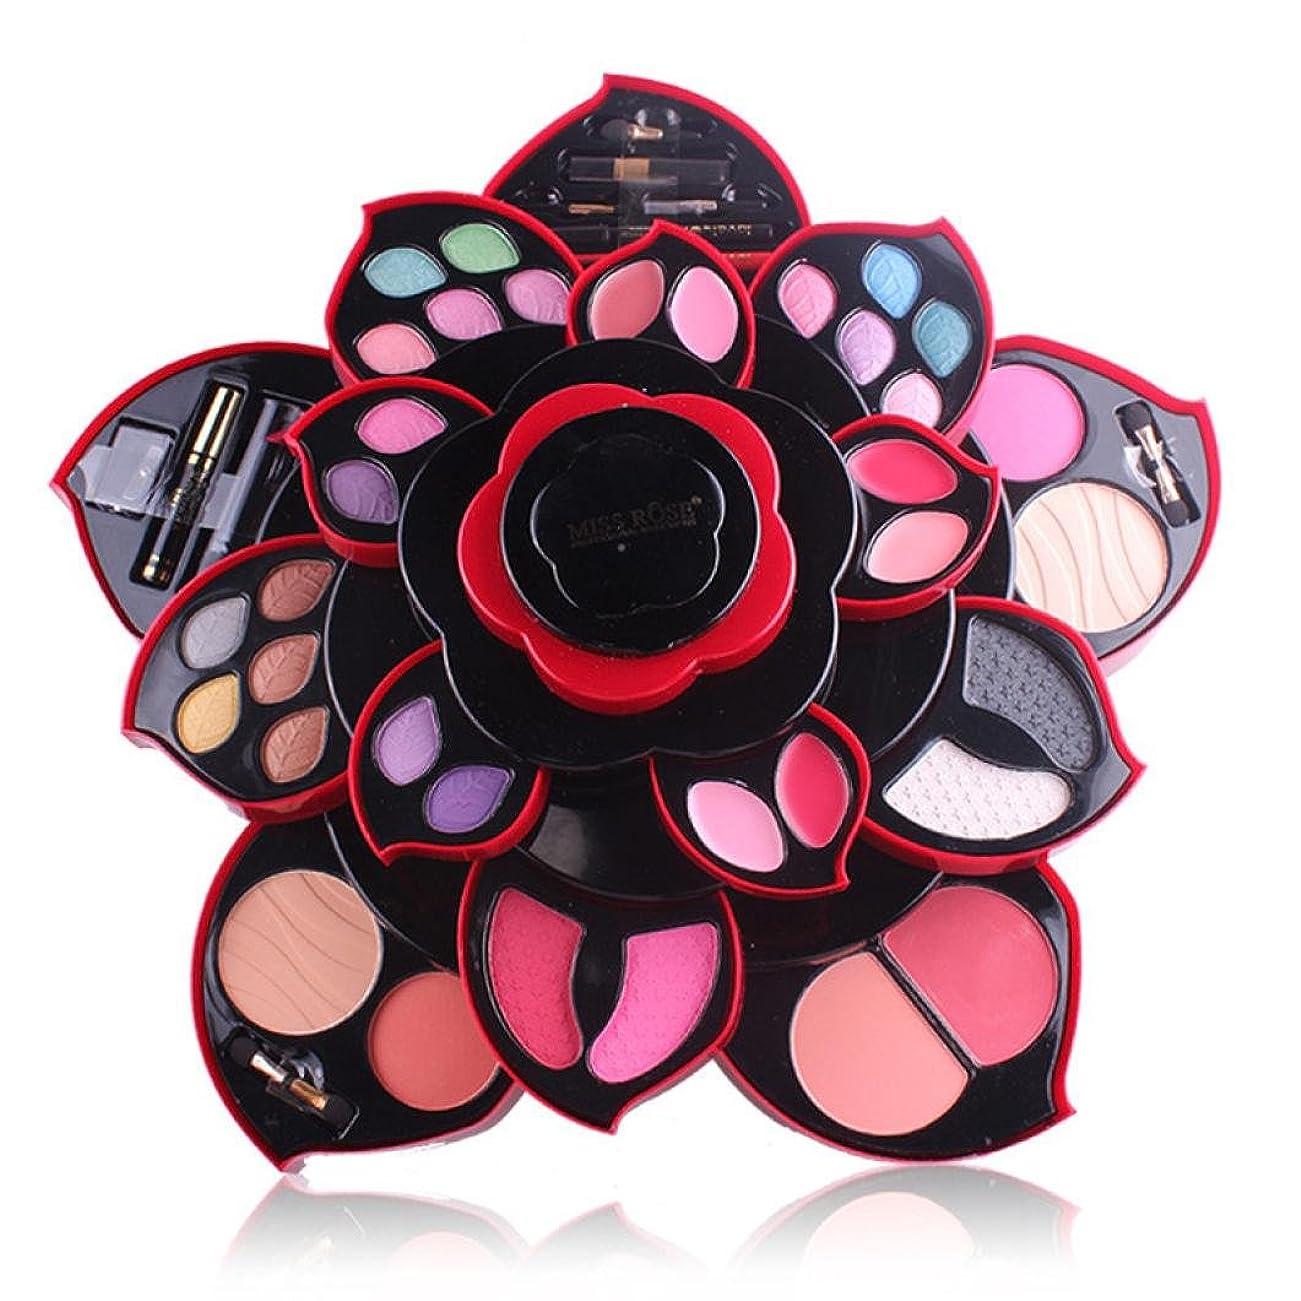 ビューティー アイシャドー wwkeiying アイシャドウセット ファッション 23色 梅の花デザイン メイクボックス 回転多機能化粧品 プロ化粧師 メイクの達人 プレゼント (02)